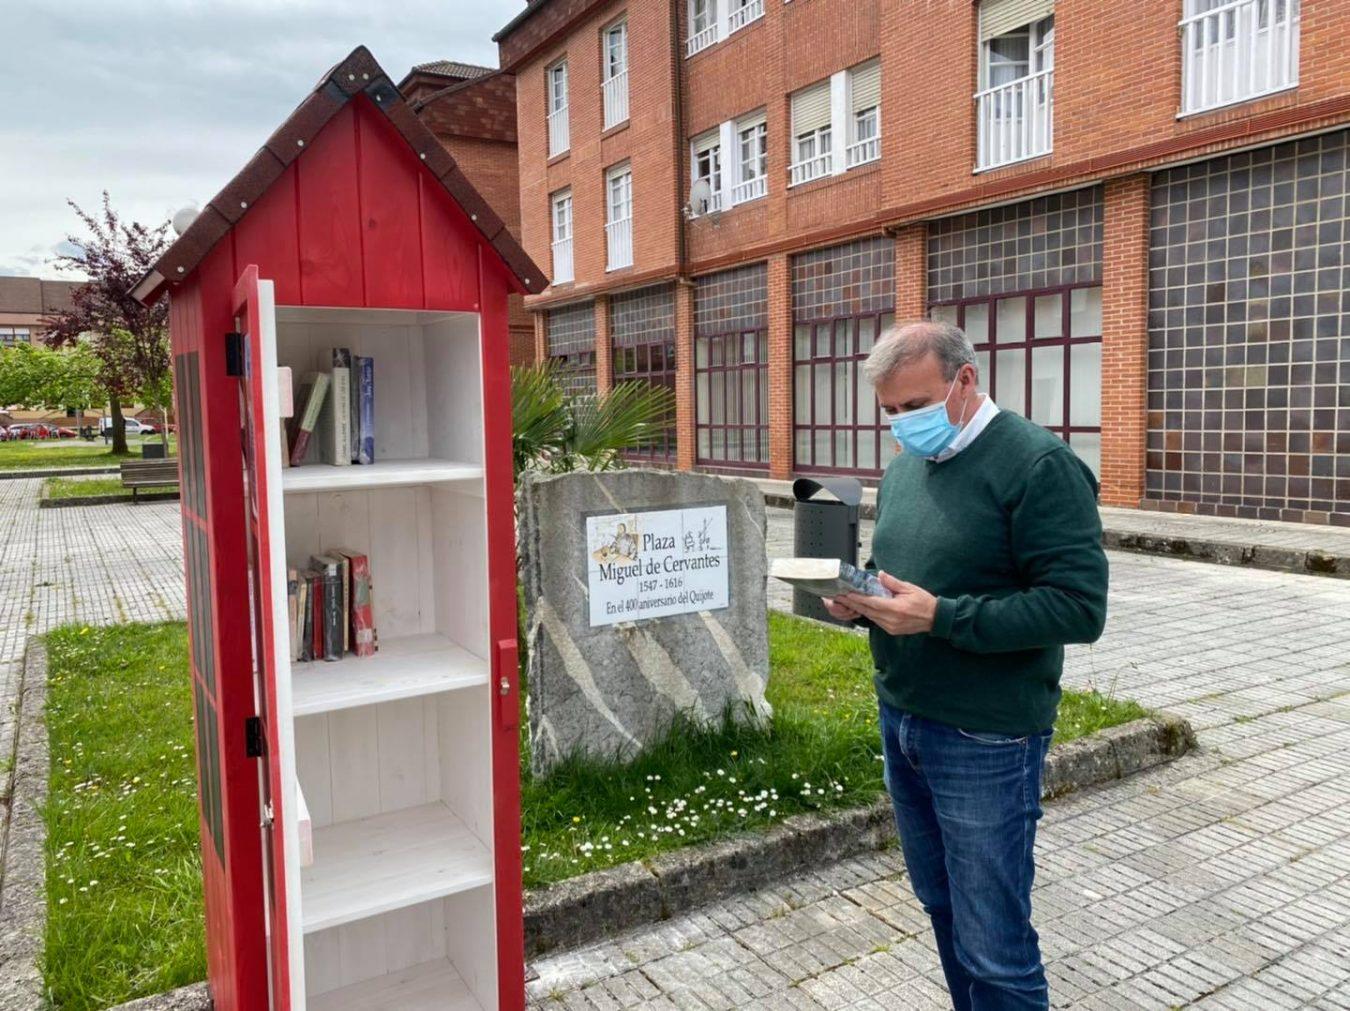 Arriondas celebra el Día del Libro instalando dos hermosos intercambiadores que animan a la lectura